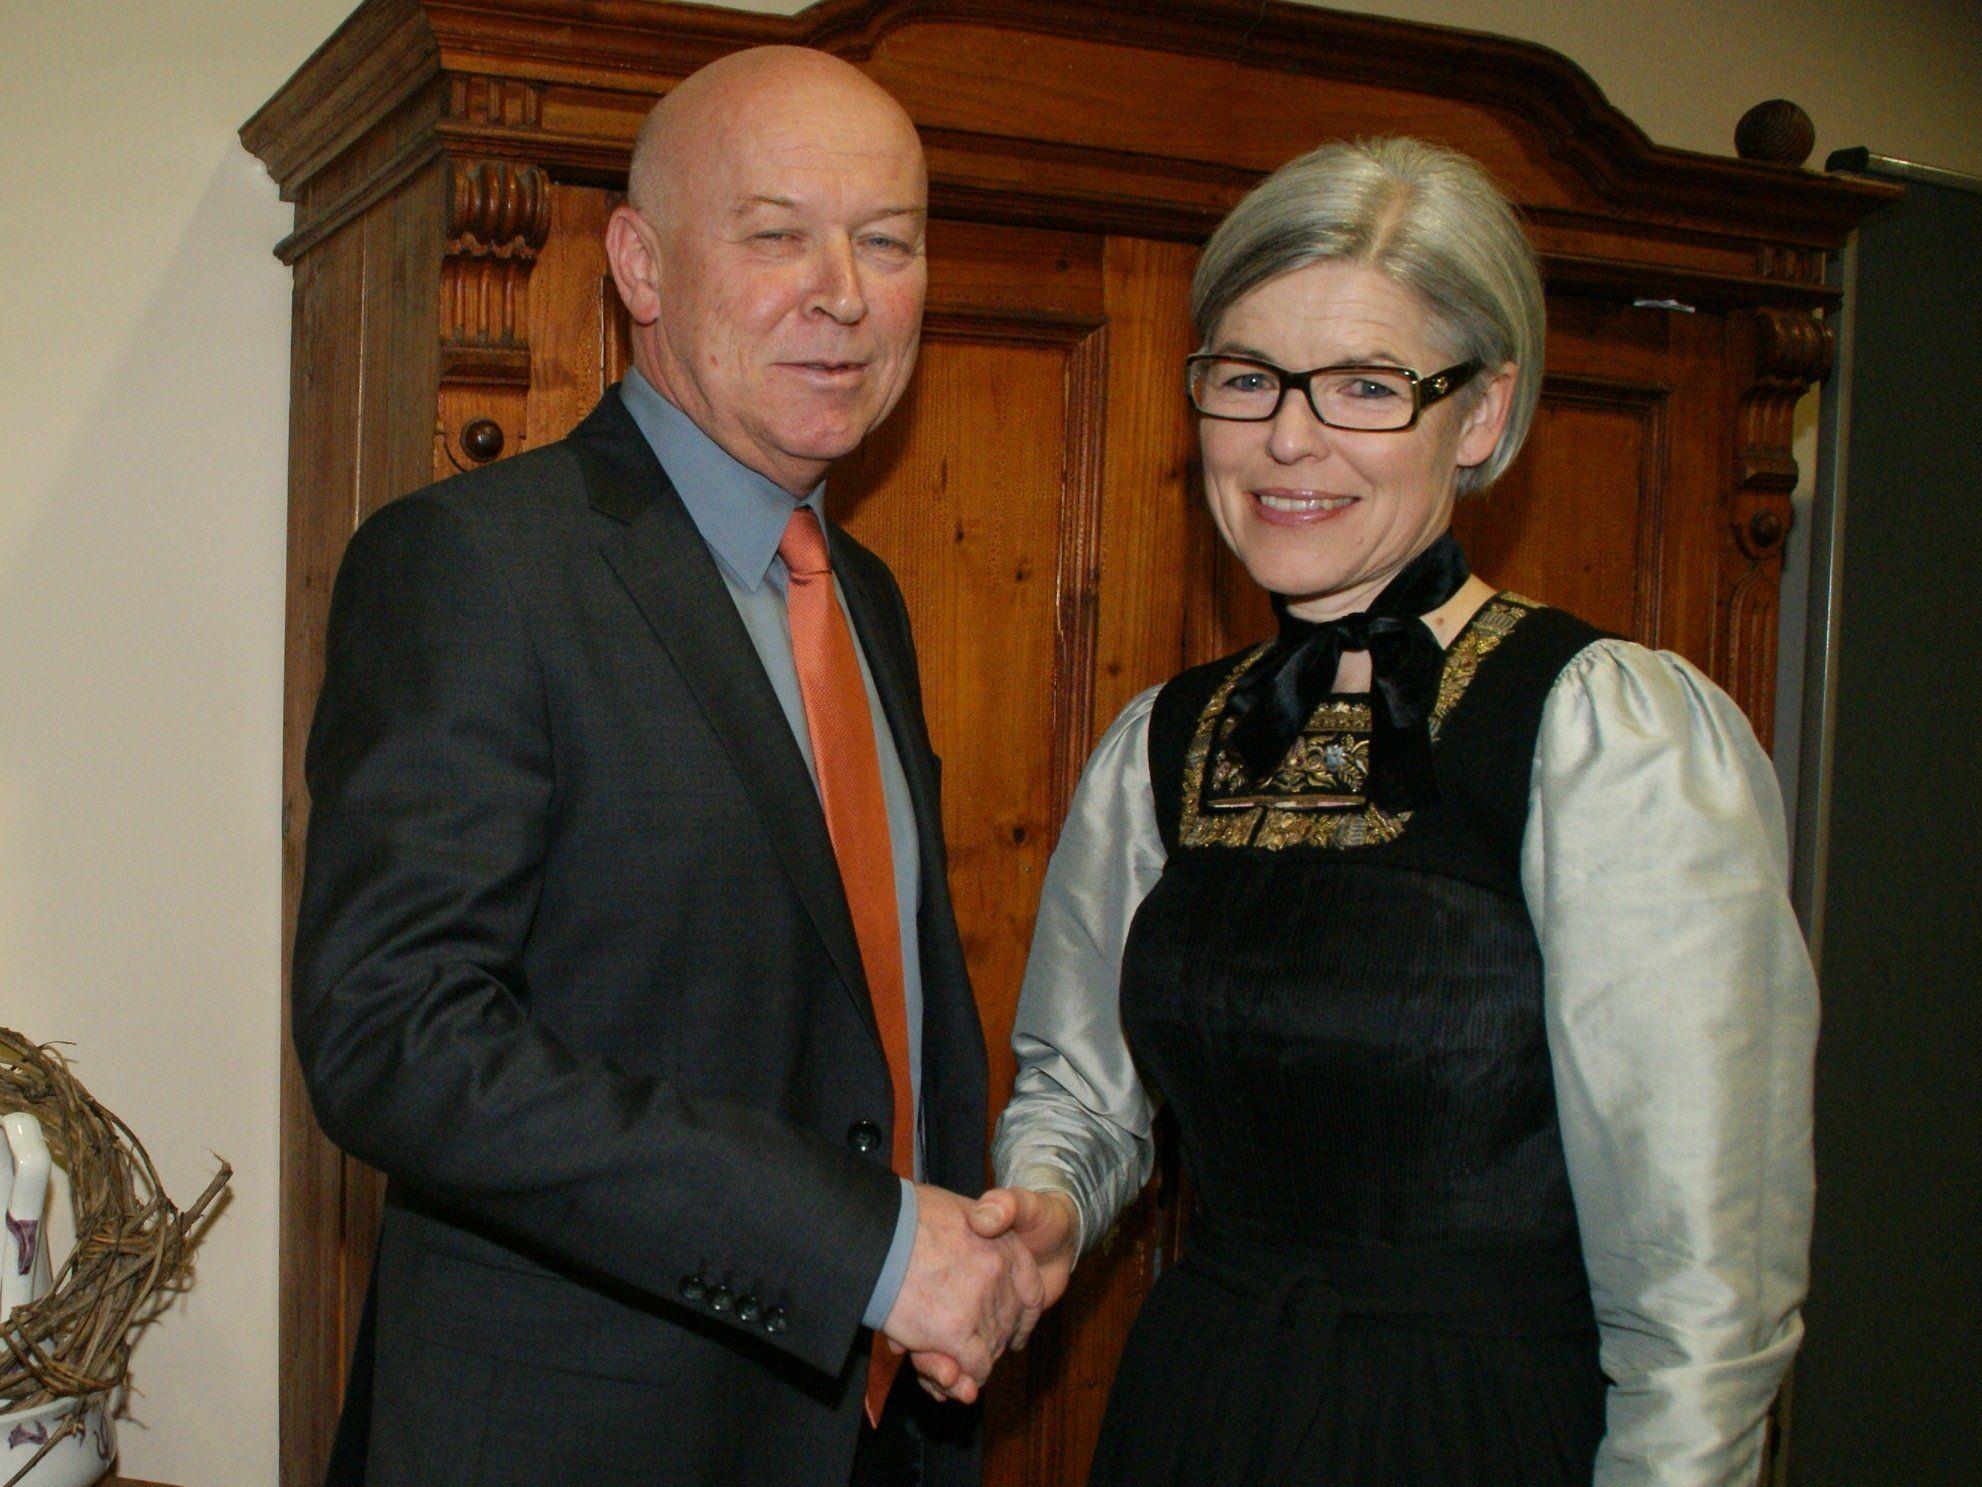 Reinhard Dür gab gestern das Amt an seine Nachfolgerin Angelika Schwarzmann ab.